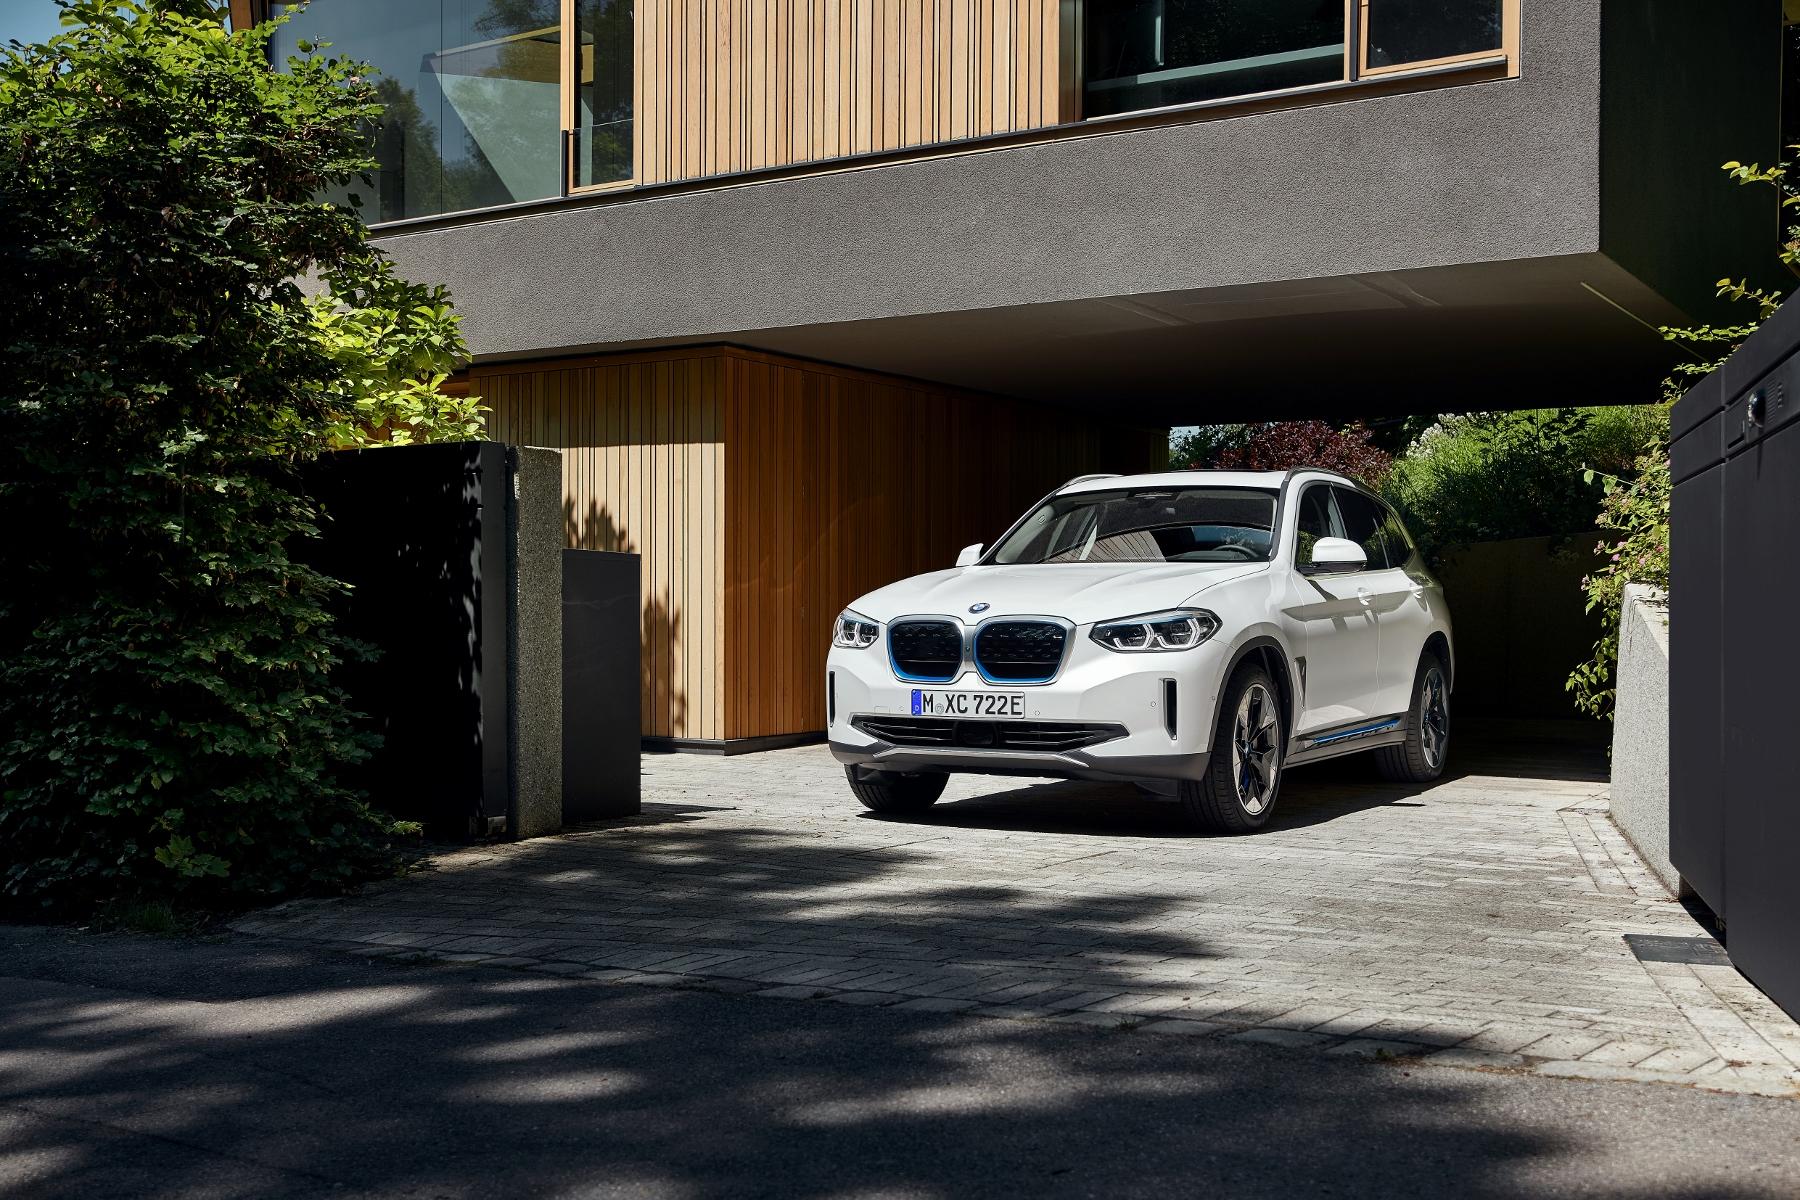 BMW ukázalo elektrické SUV iX3 s dojazdom 459 km 52pBrFFqo6 bmw-ix3-7